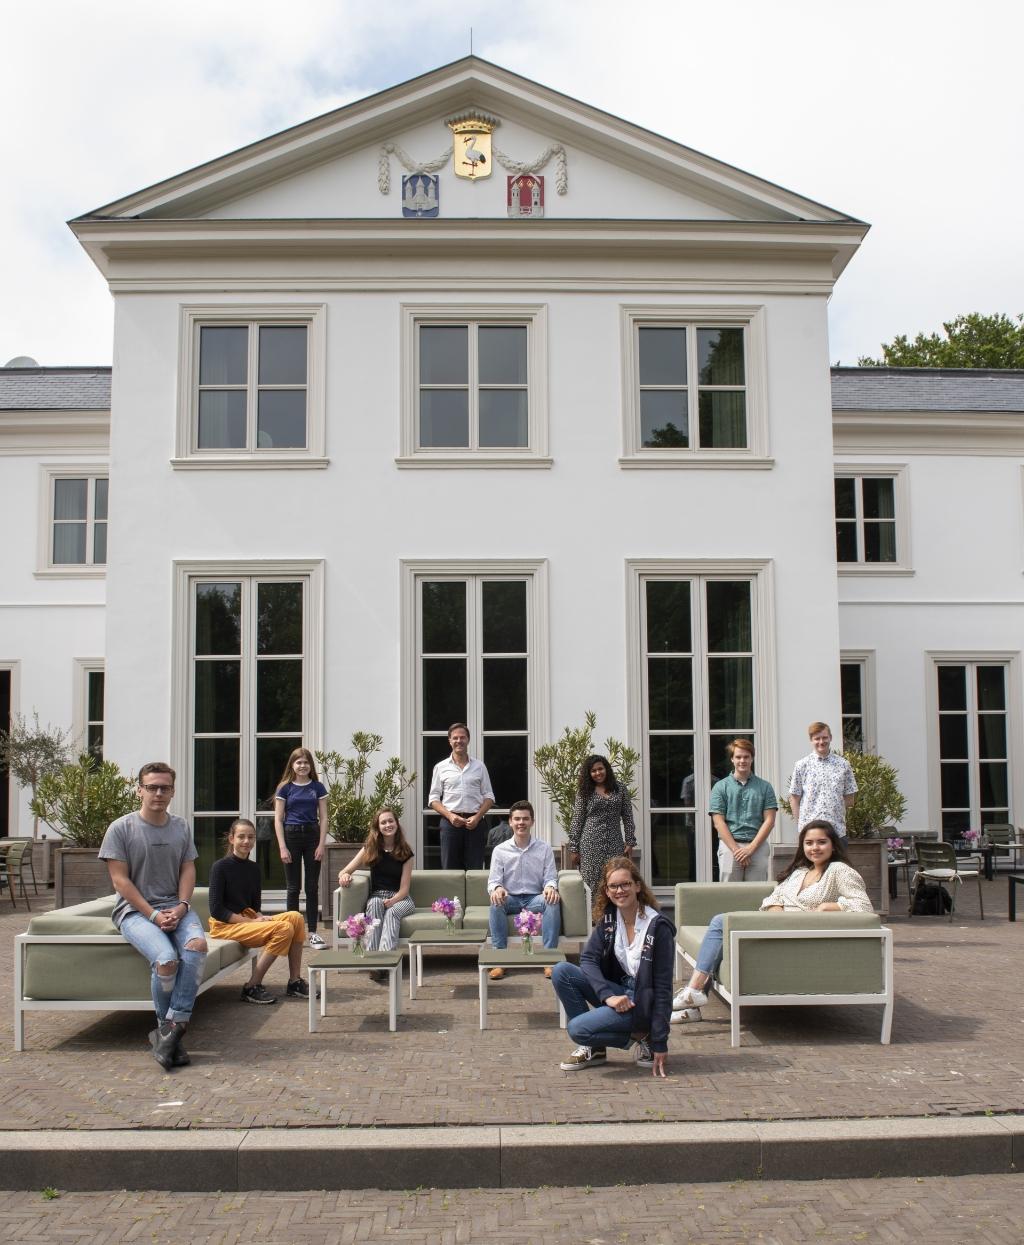 Jongeren op bezoek bij premier Rutte in het Catshuis in Den Haag. Foto: Nia Palli  © Achterhoek Nieuws b.v.